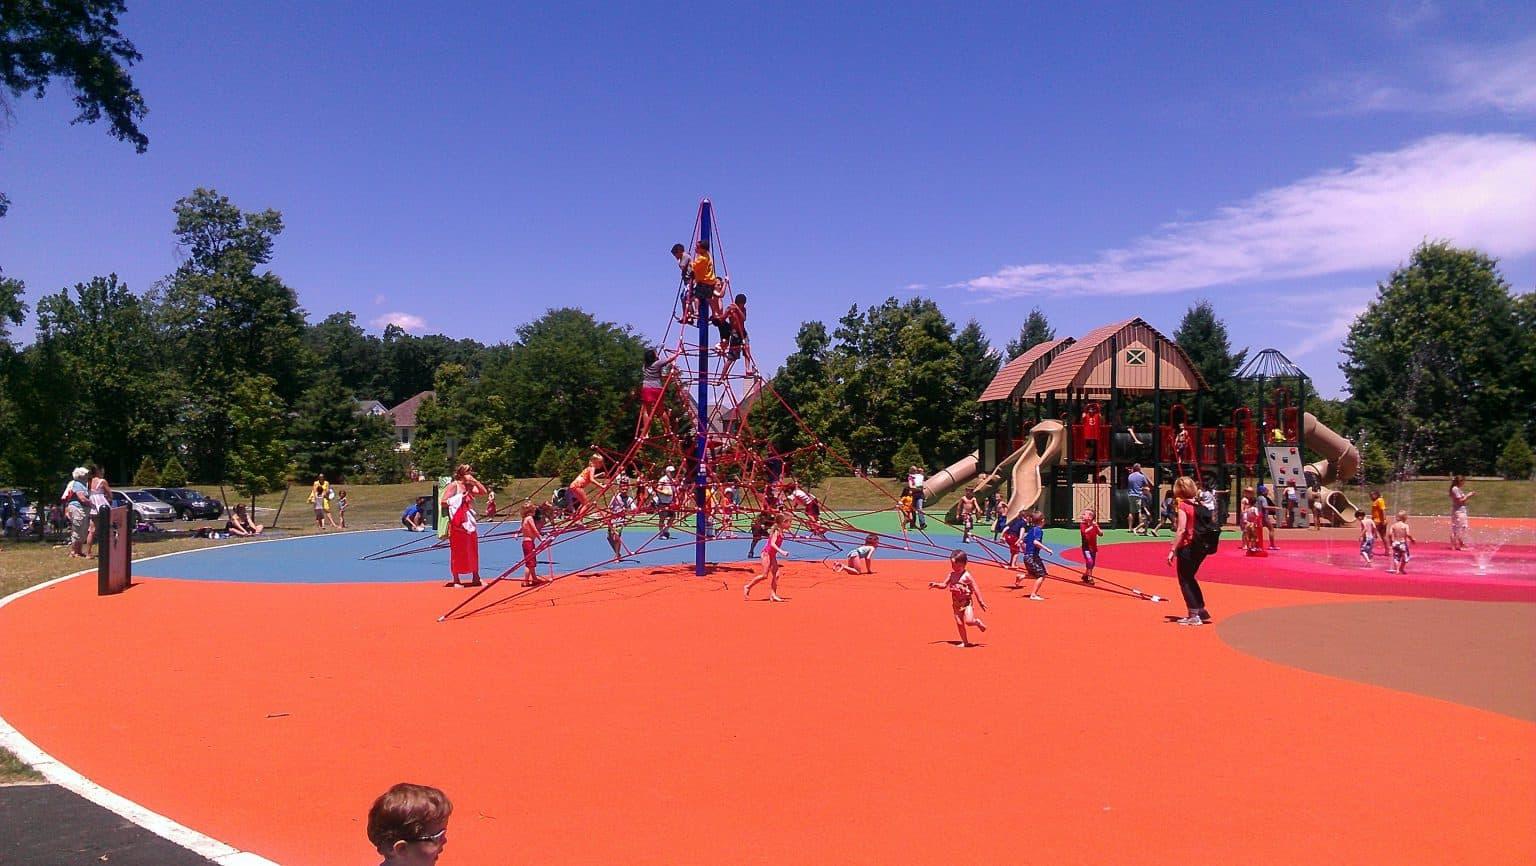 ponderosa-park-playground-scotch-plains-nj_11652457663_o-1536x866